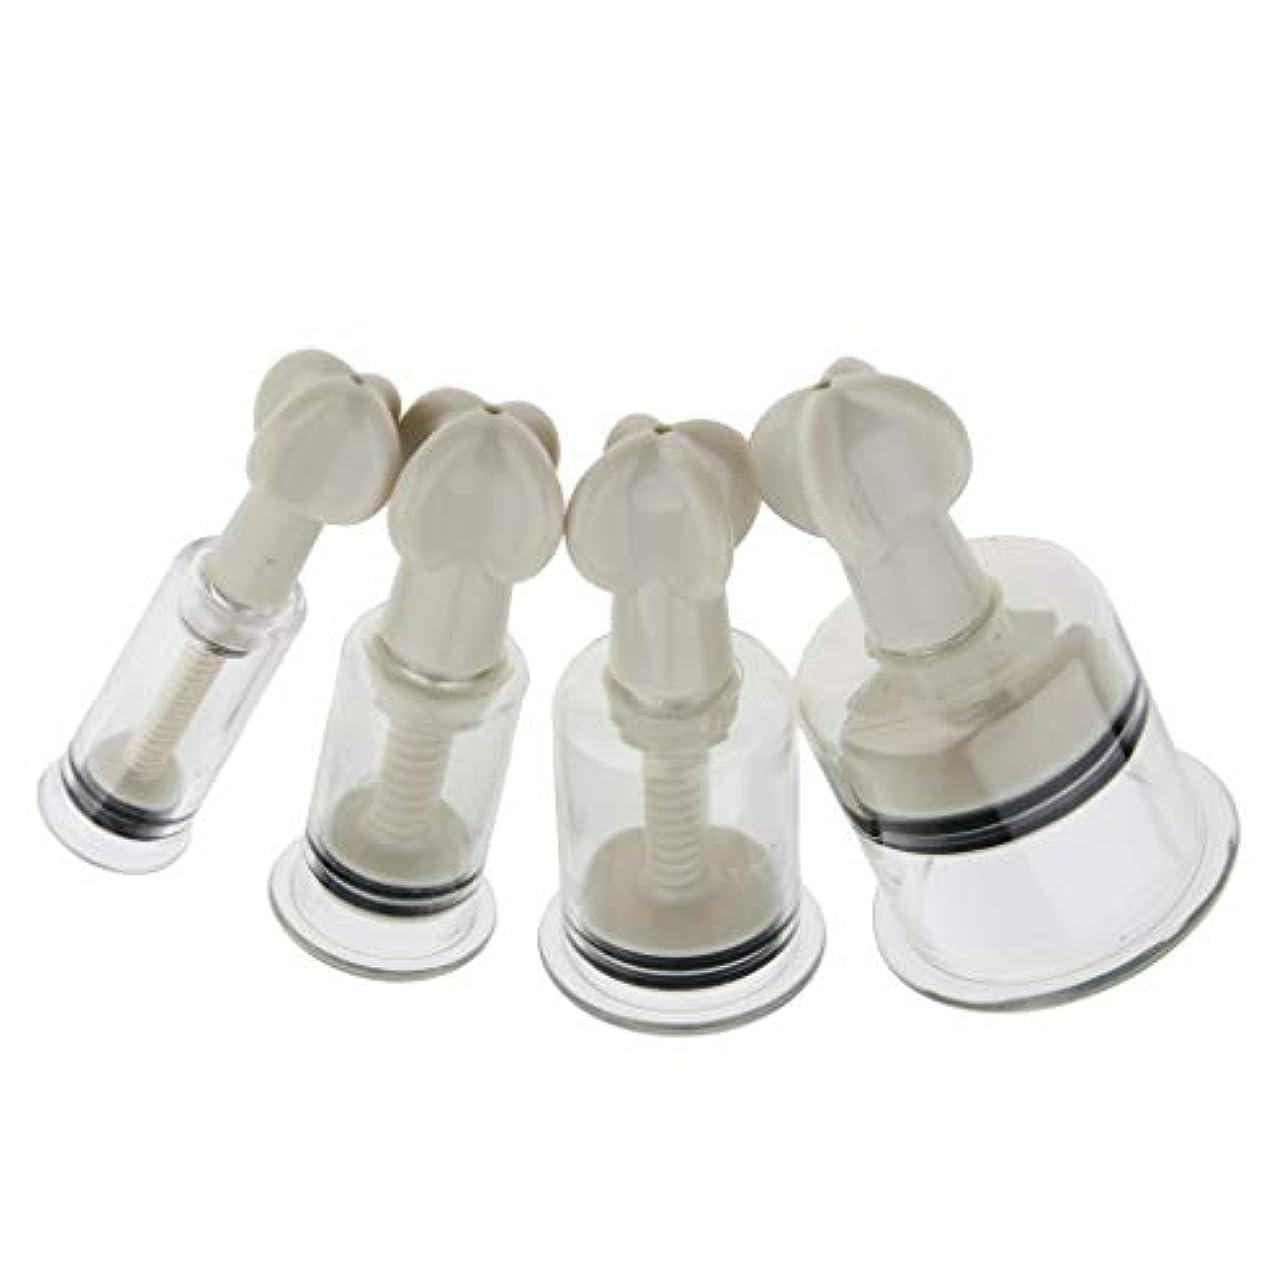 カメ挽くゴネリルBaoblaze 真空カッピングセット マッサージカップ 吸い玉 筋肉痛救済 男女兼用 4個 プラスチック製 高品質